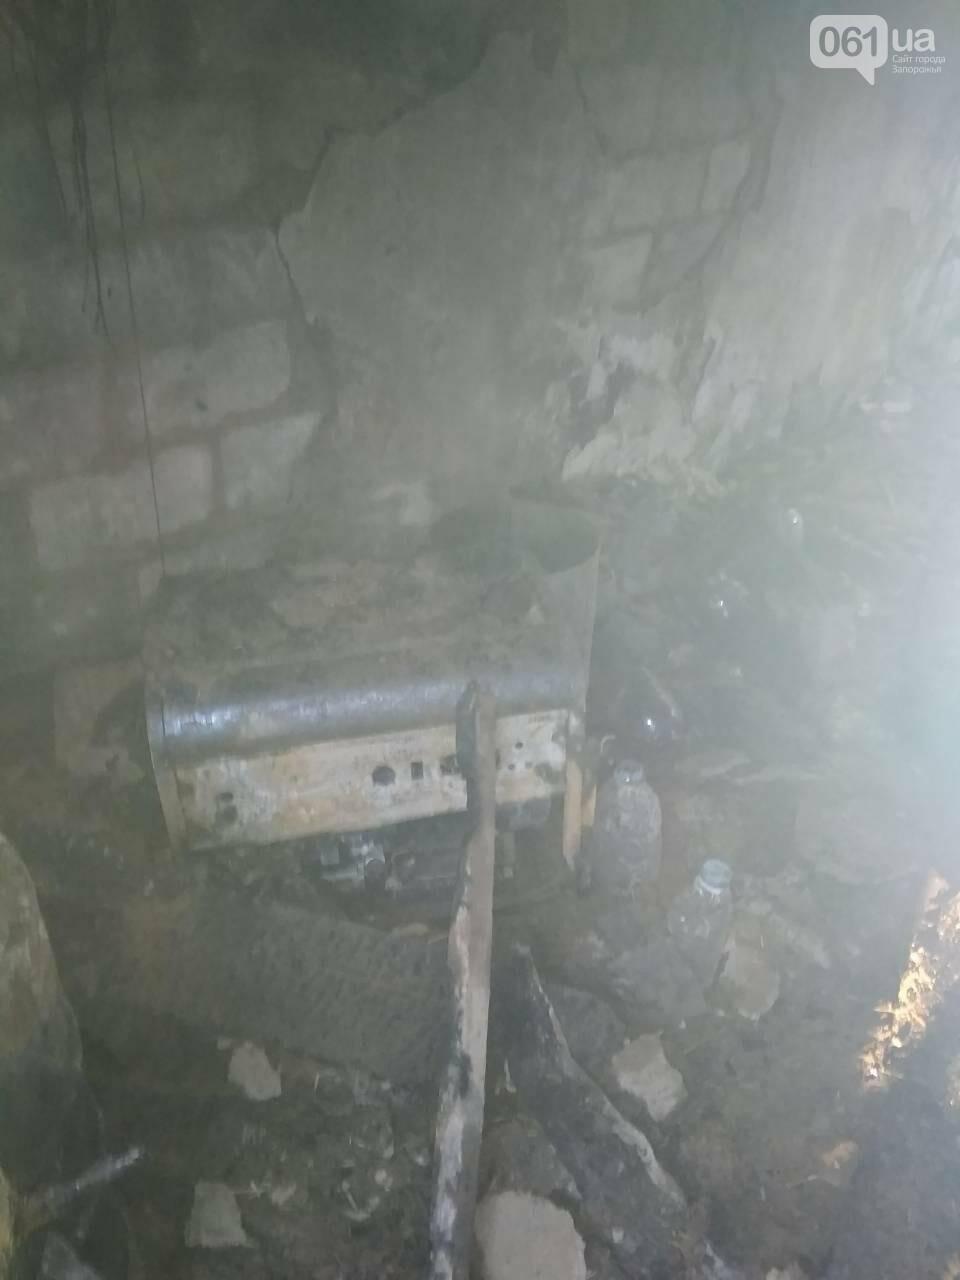 В Запорожской области за день дважды горели гаражи, - ФОТО, фото-1